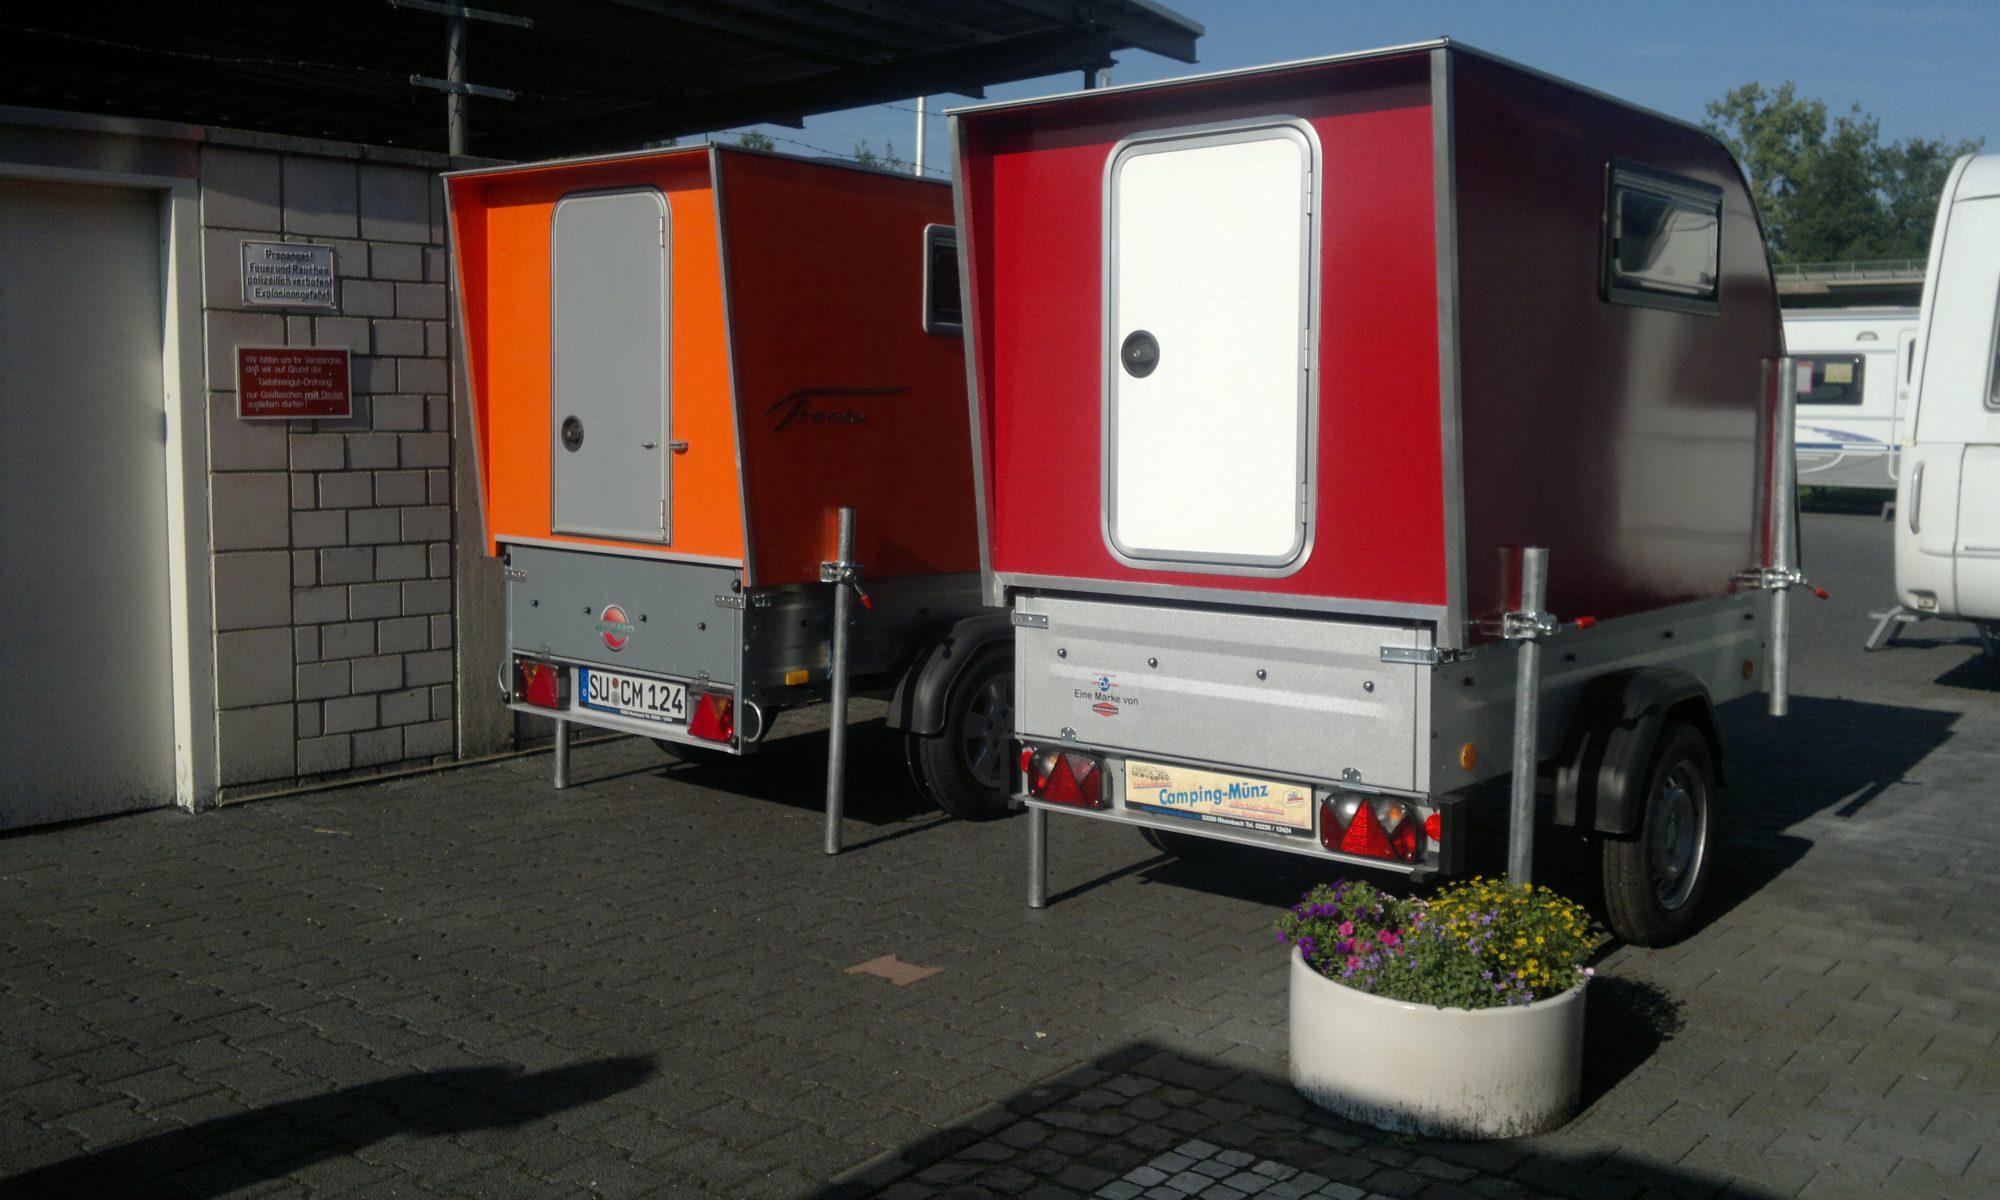 Sat Anlagen Camping Münz Wohnwagen Wohnmobile